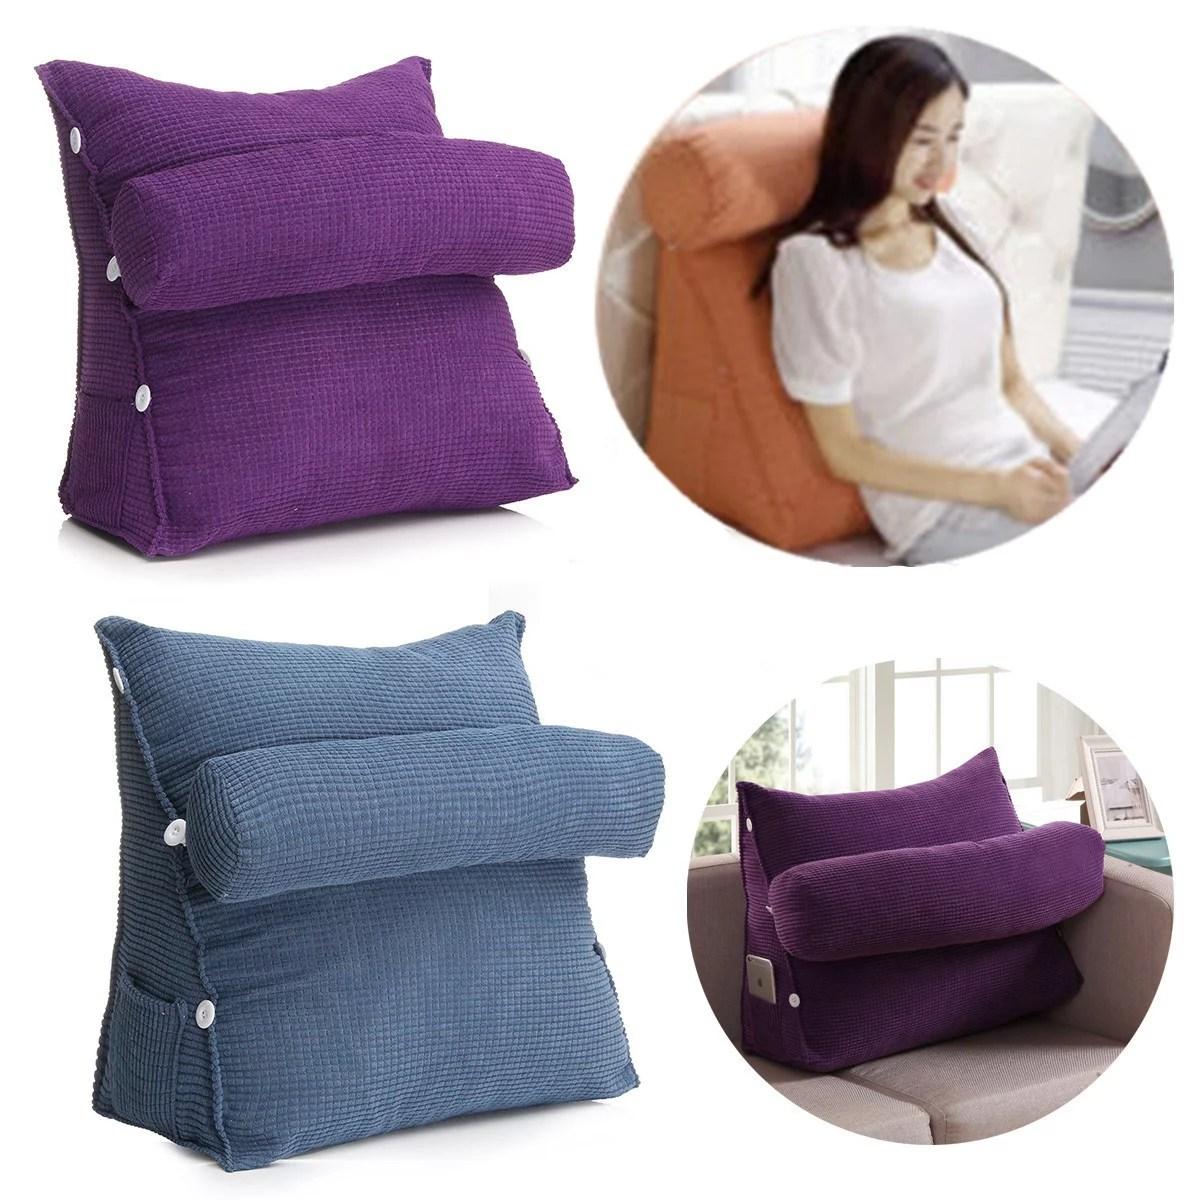 Kadell Adjustable Back Wedge Micro Plush Bedrest Cushion Pillow Sofa Bed Office Chair Rest Waist Neck Support Walmart Com Walmart Com